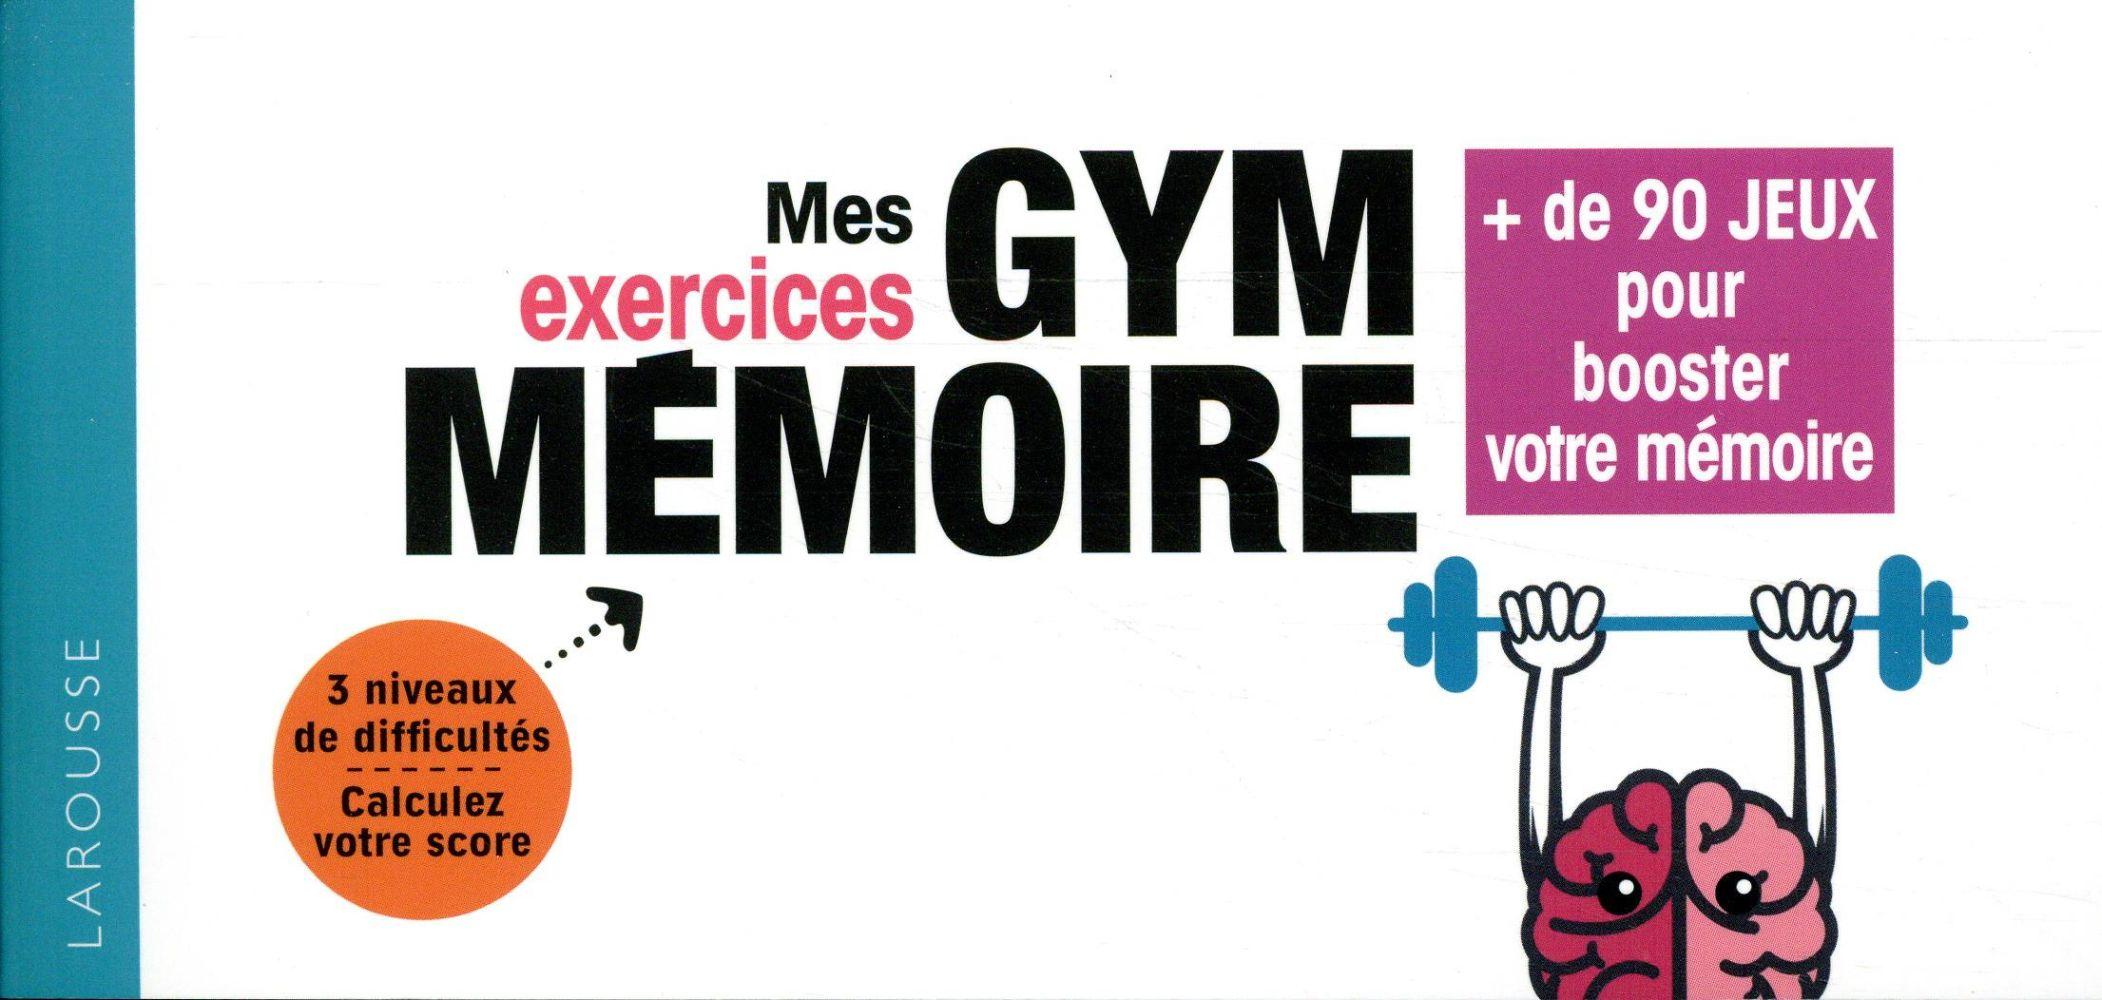 MES EXERCICES GYM MEMOIRE CROISILE D B. LAROUSSE